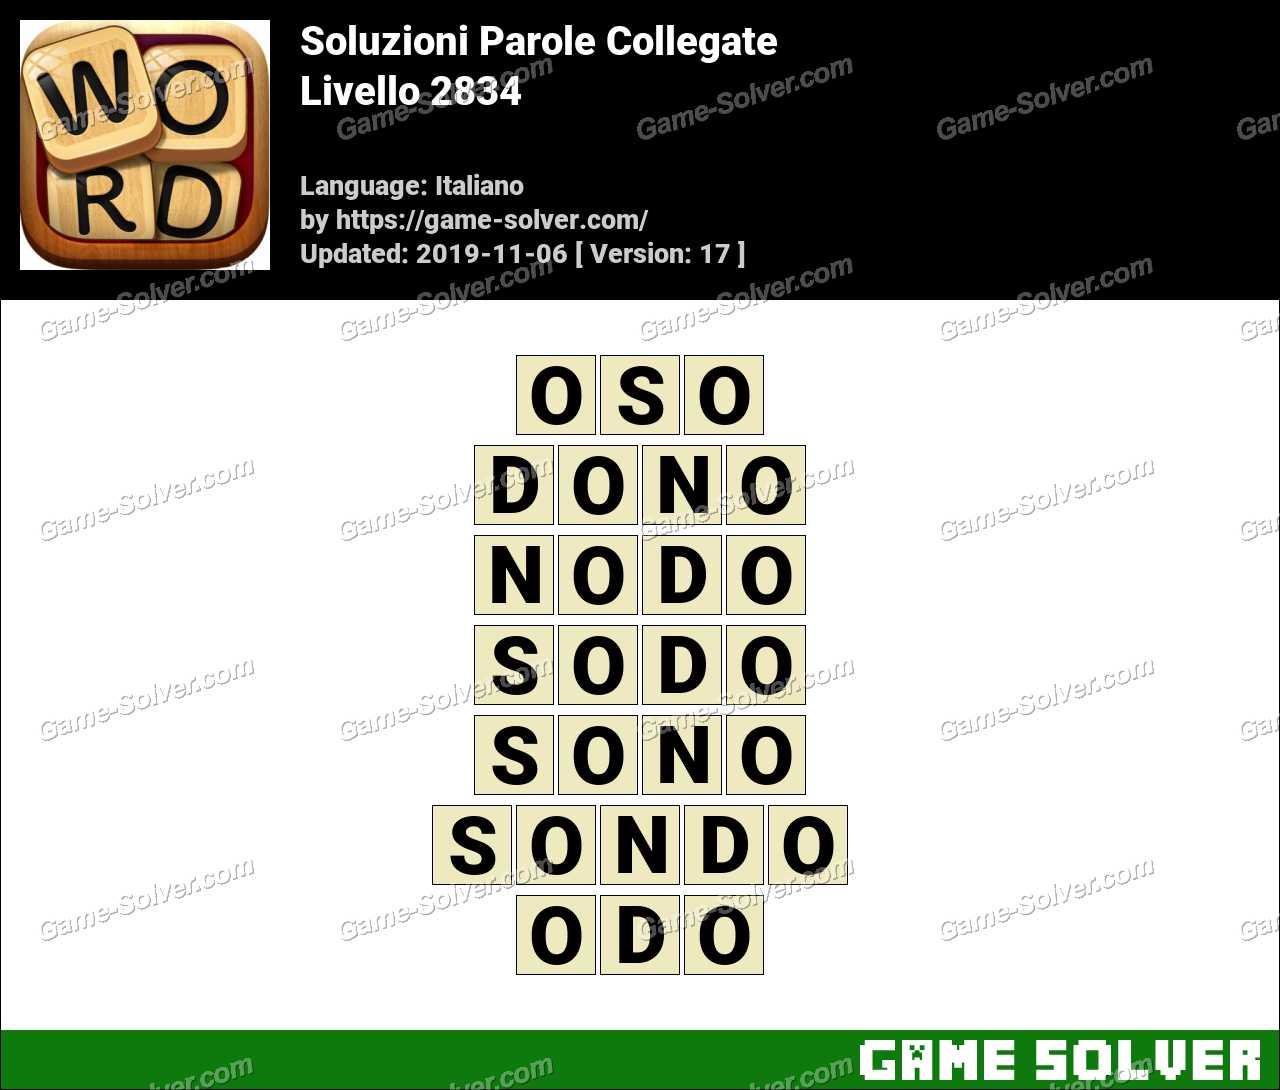 Soluzioni Parole Collegate Livello 2834